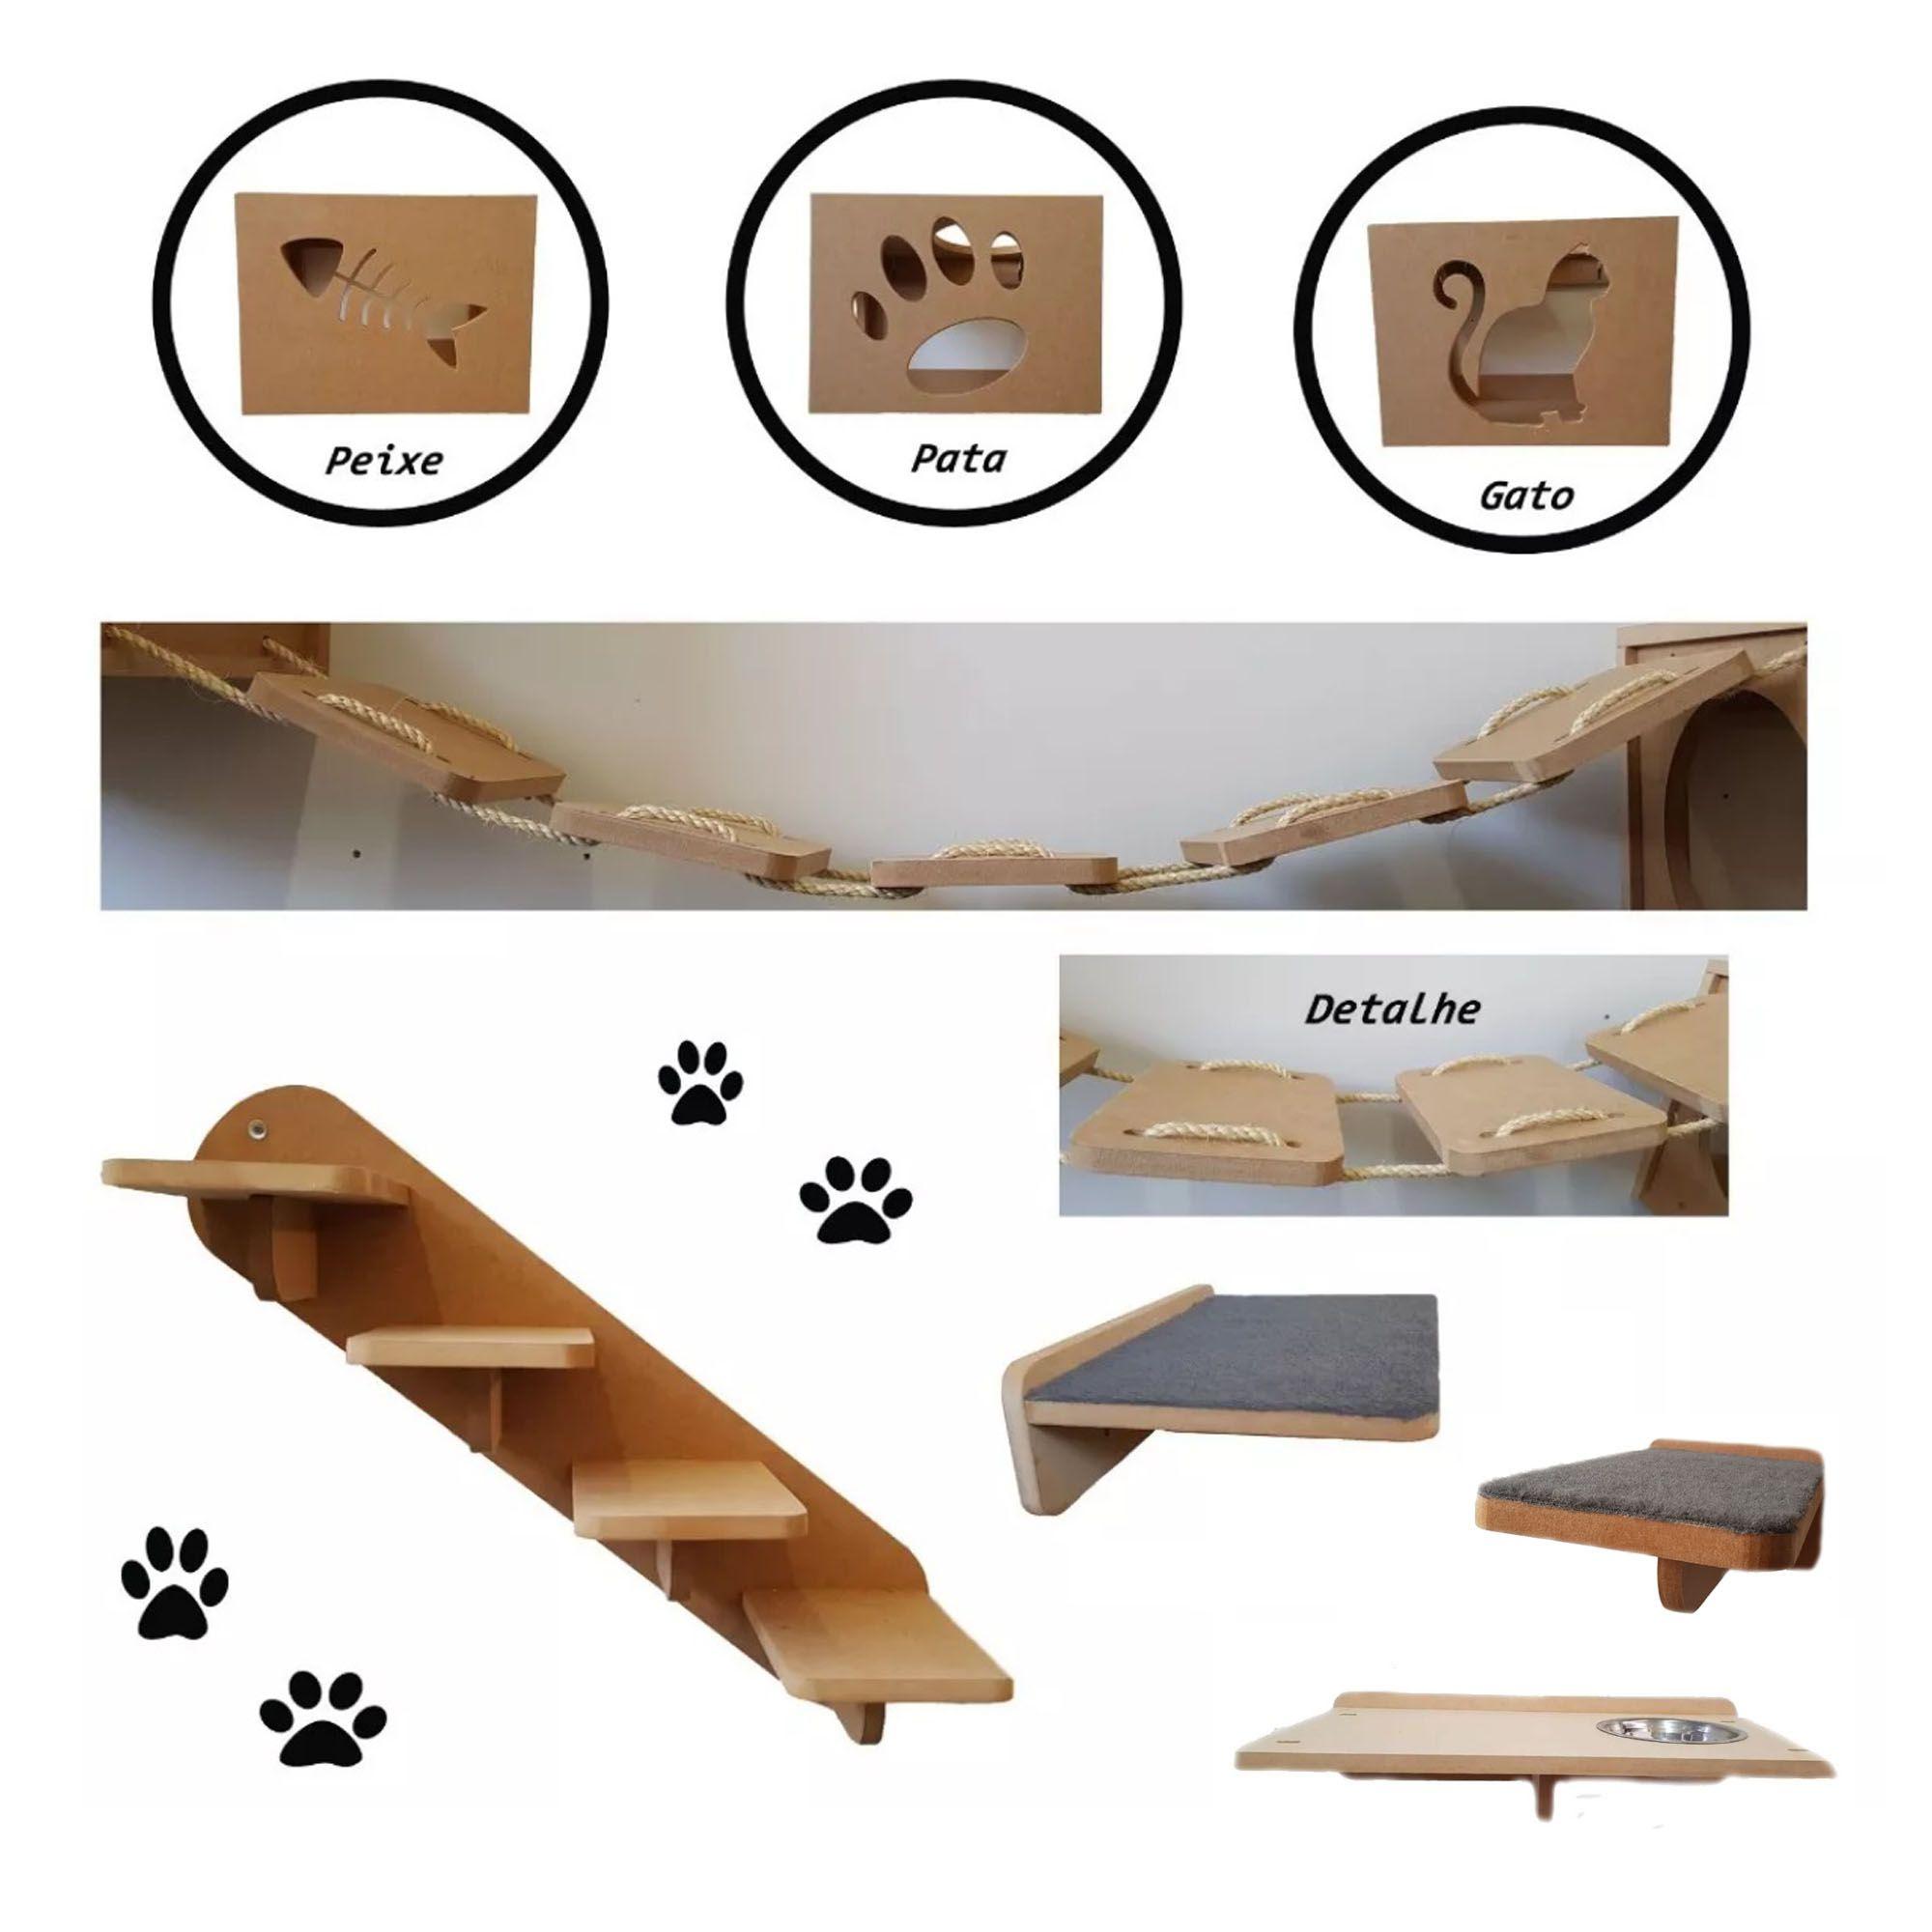 Nicho Gato - Kit Nicho para Gato - 8 pçs = 3 Nichos + Prateleira + Step + Comedouro + Escada + Ponte para gato  em Mdf 15mm